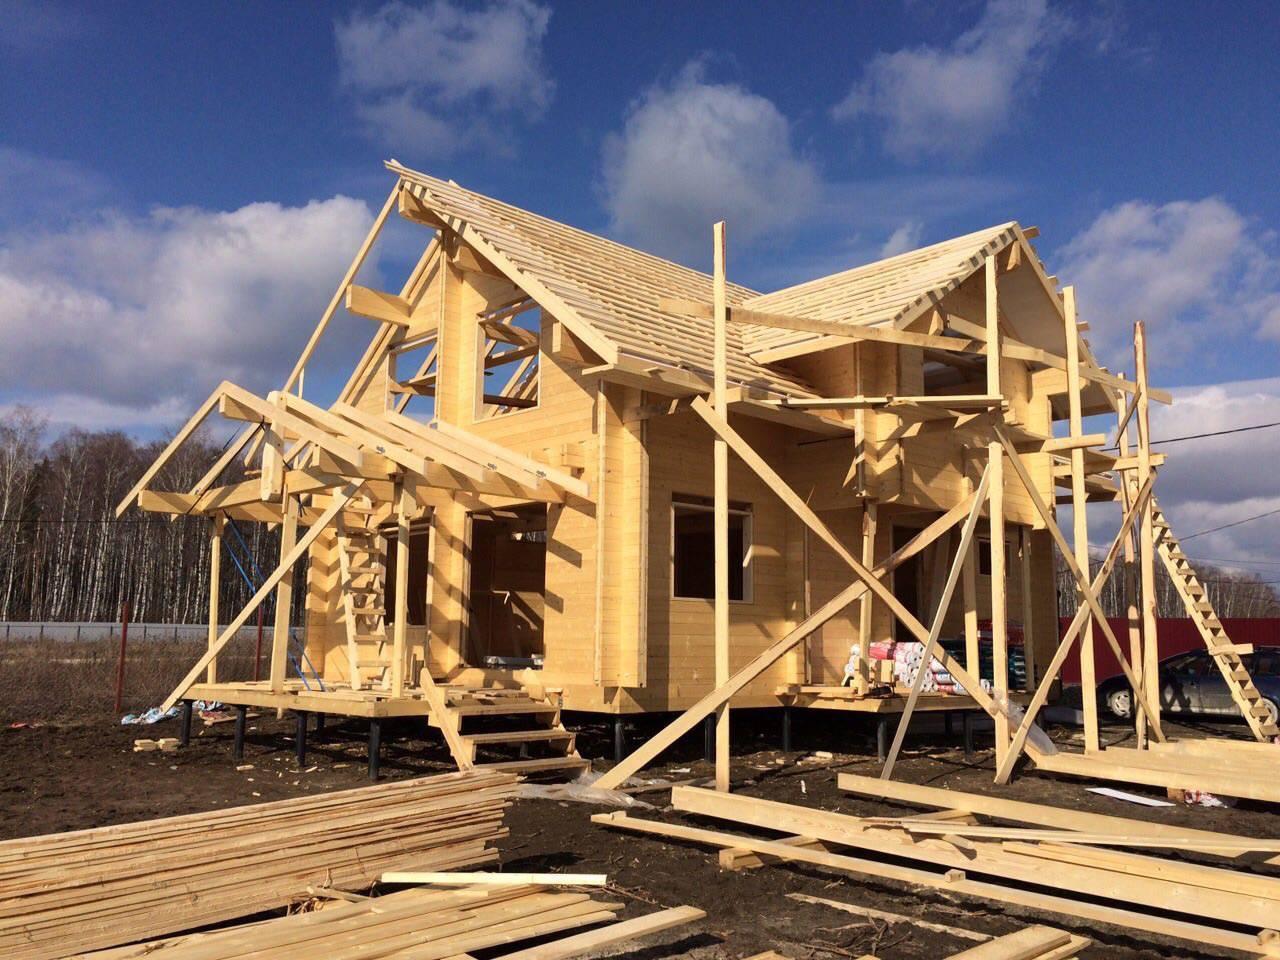 Технология строительства дома из бруса: этапы, материалы, инструменты (фото и видео)